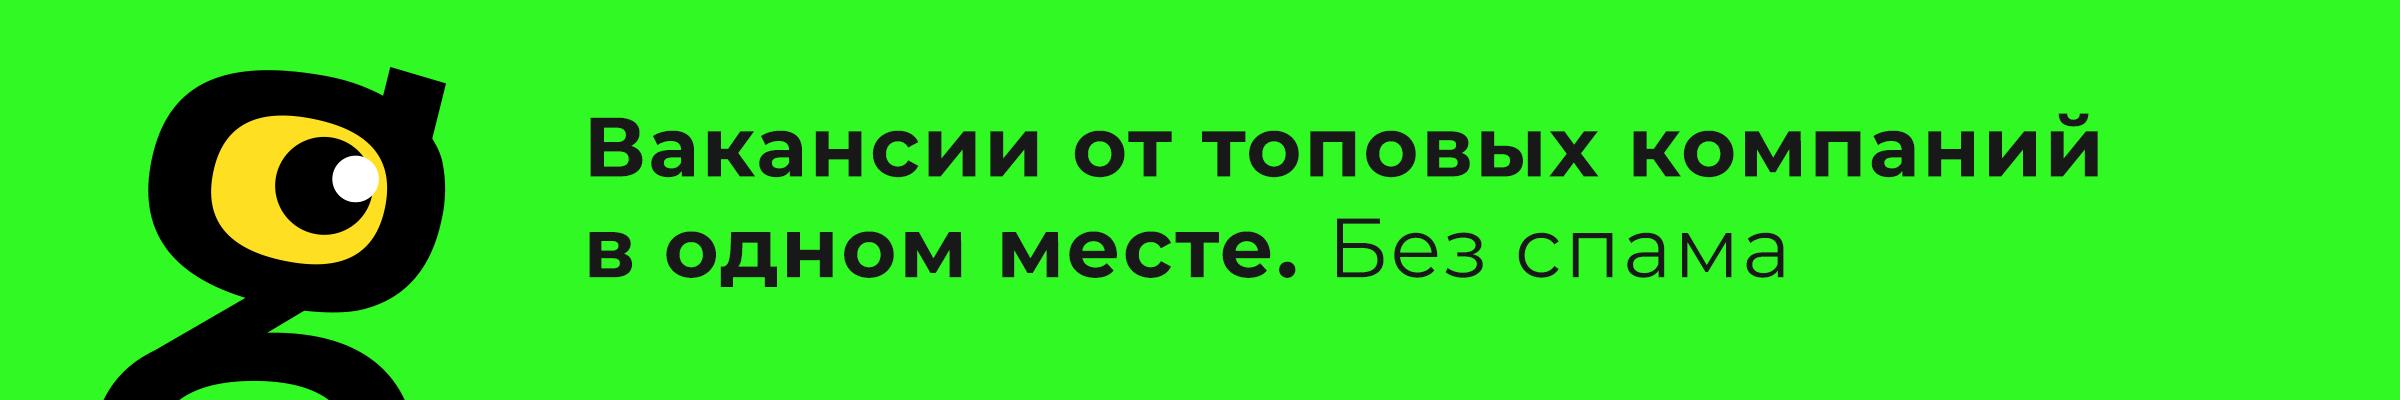 Как в России пытаются воскресить мамонта - 17